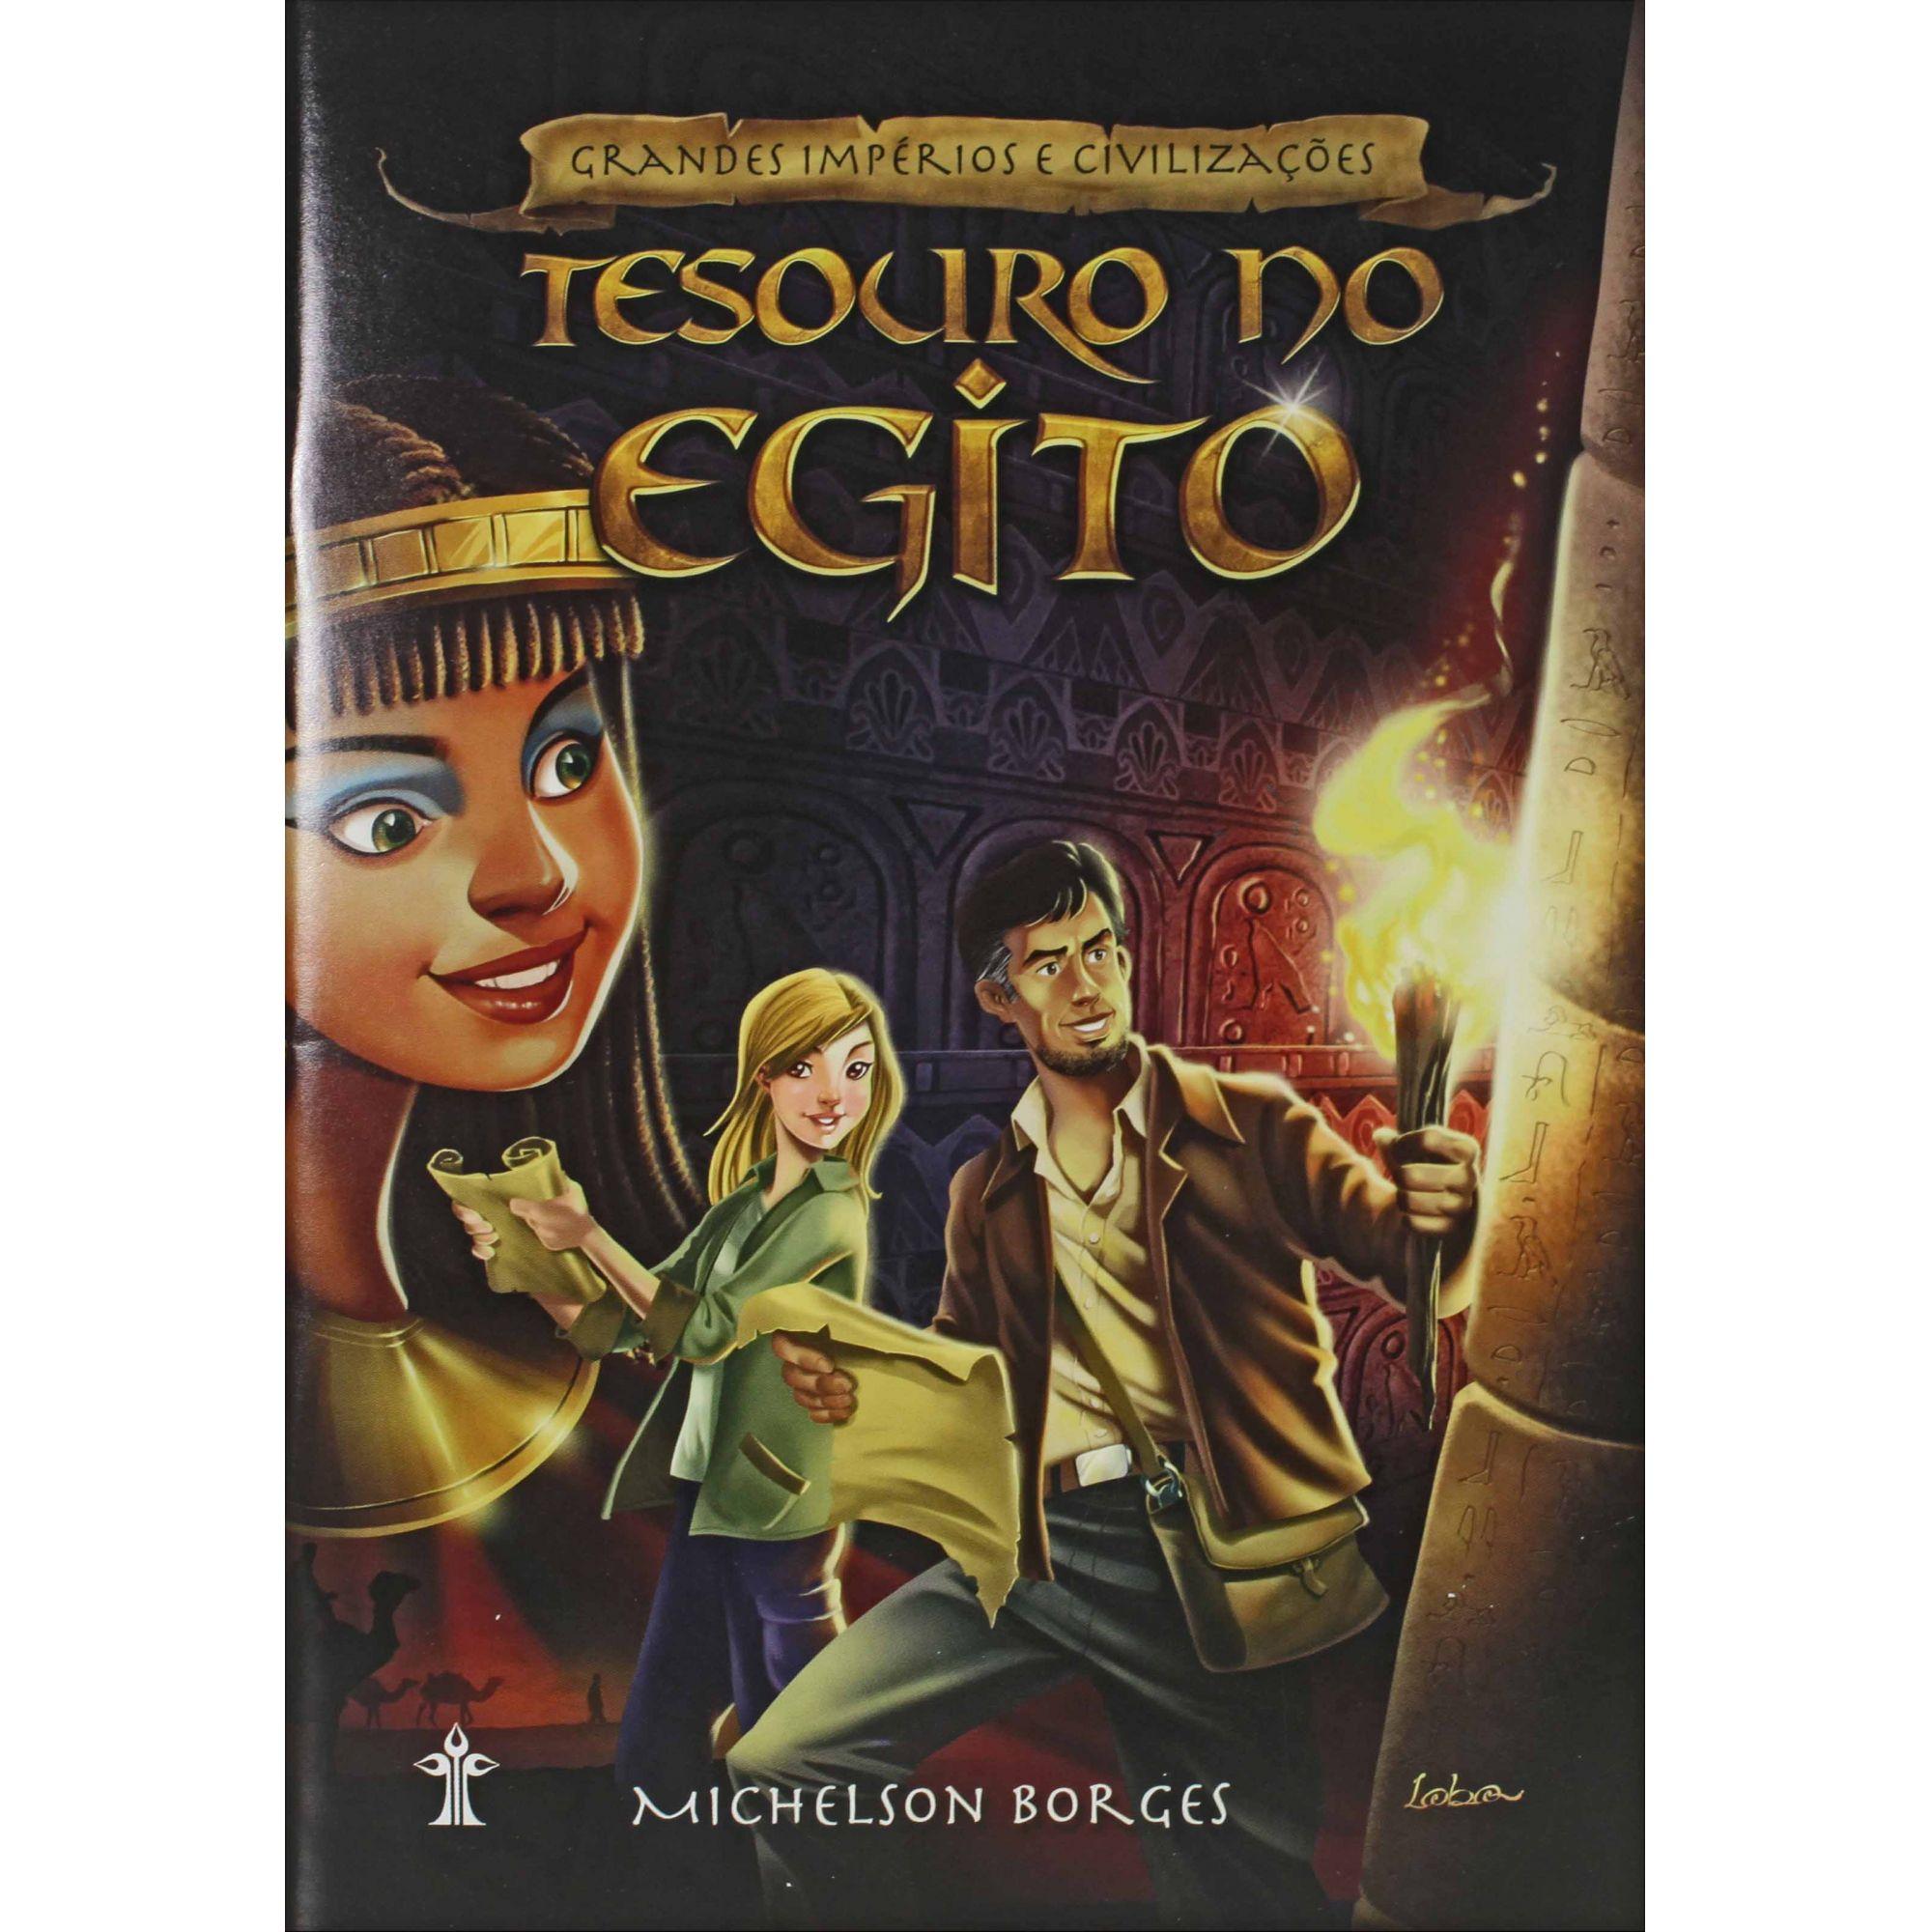 Tesouro no Egito